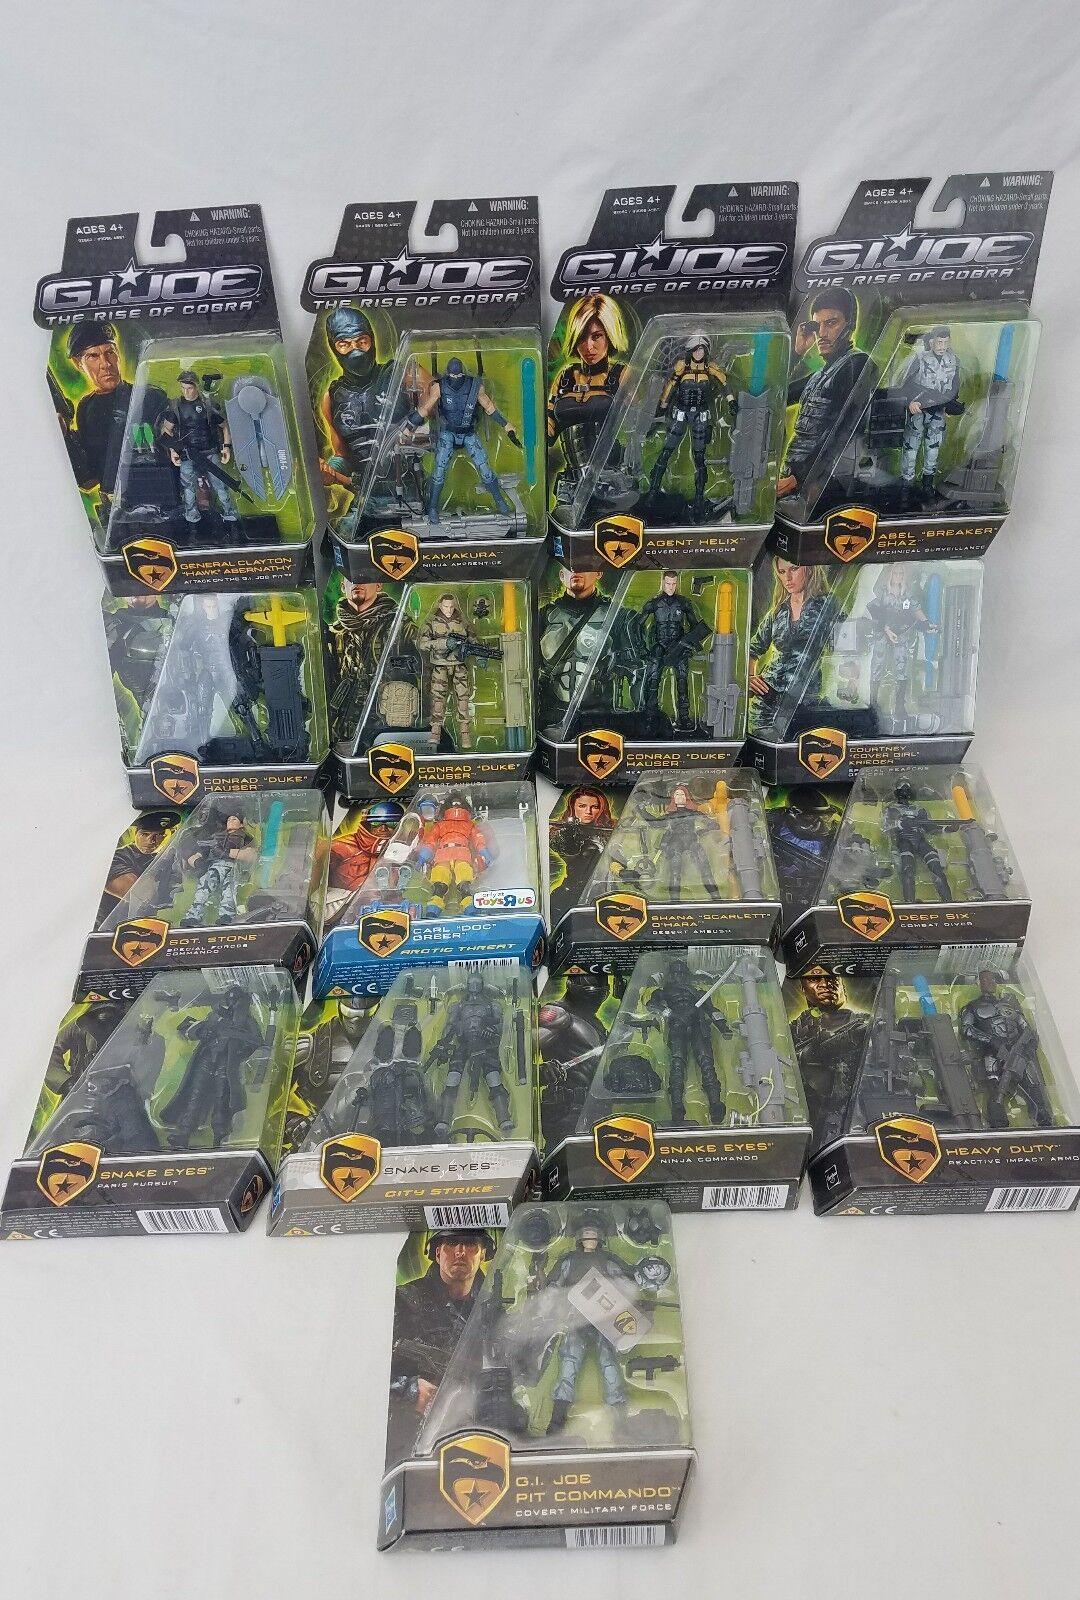 G.I. Joe Rise Of Cobra Hasbro Colección Lote De Figuras De Acción 17 Movie